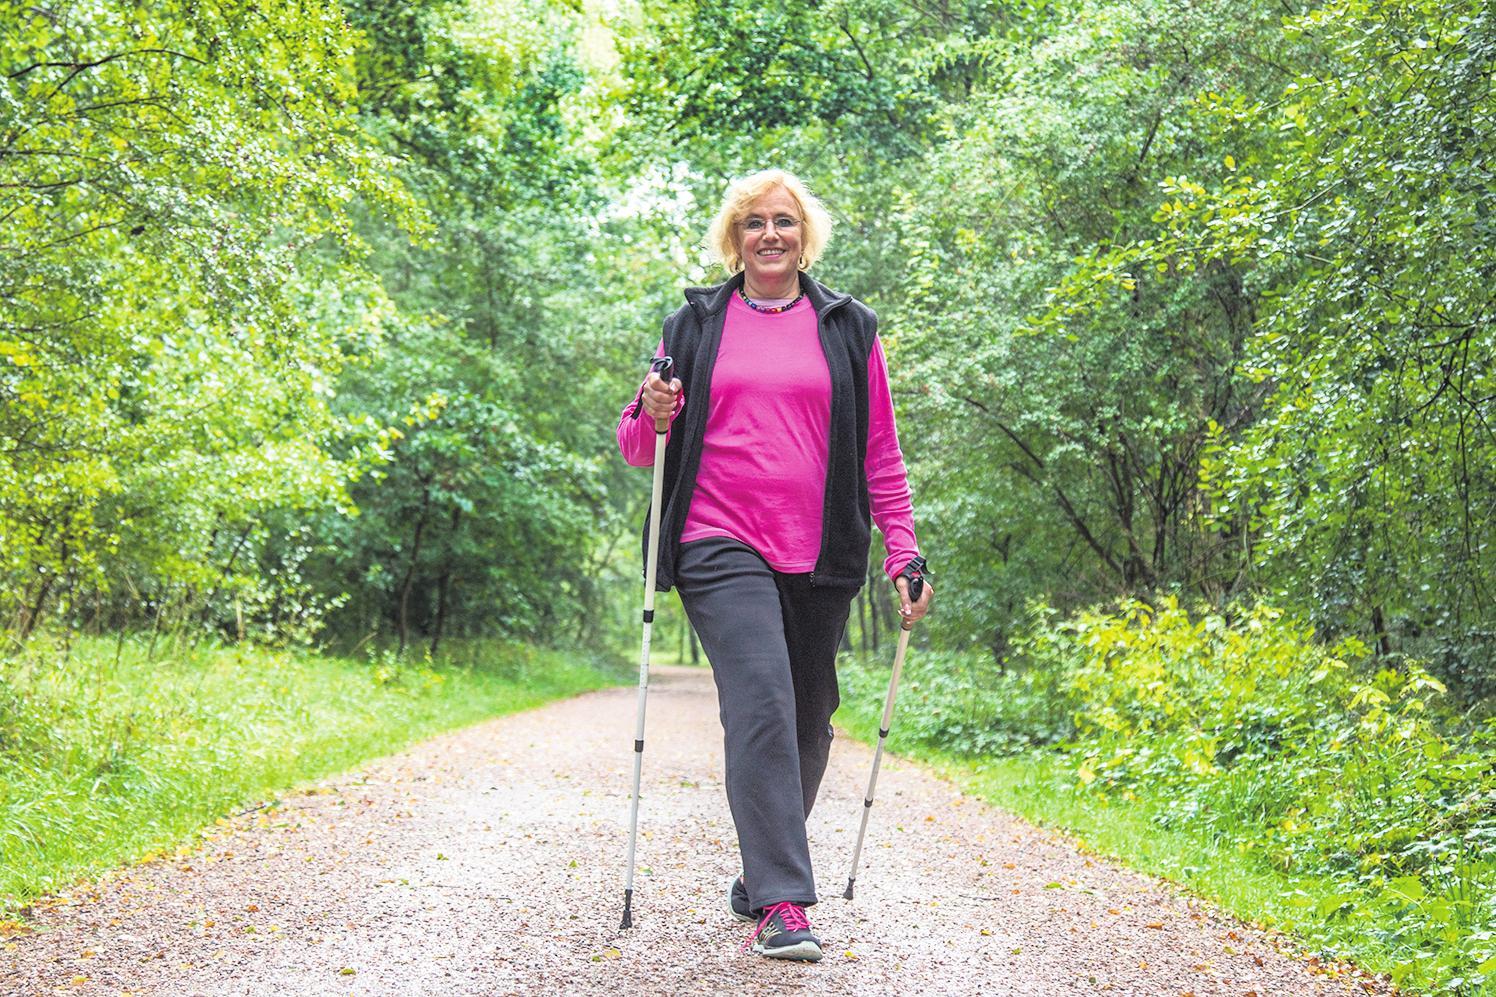 Der erste Schritt: Auch wer erst spät mit Nordic Walking beginnt, tut etwas für seine Gesundheit. FOTO: DPA